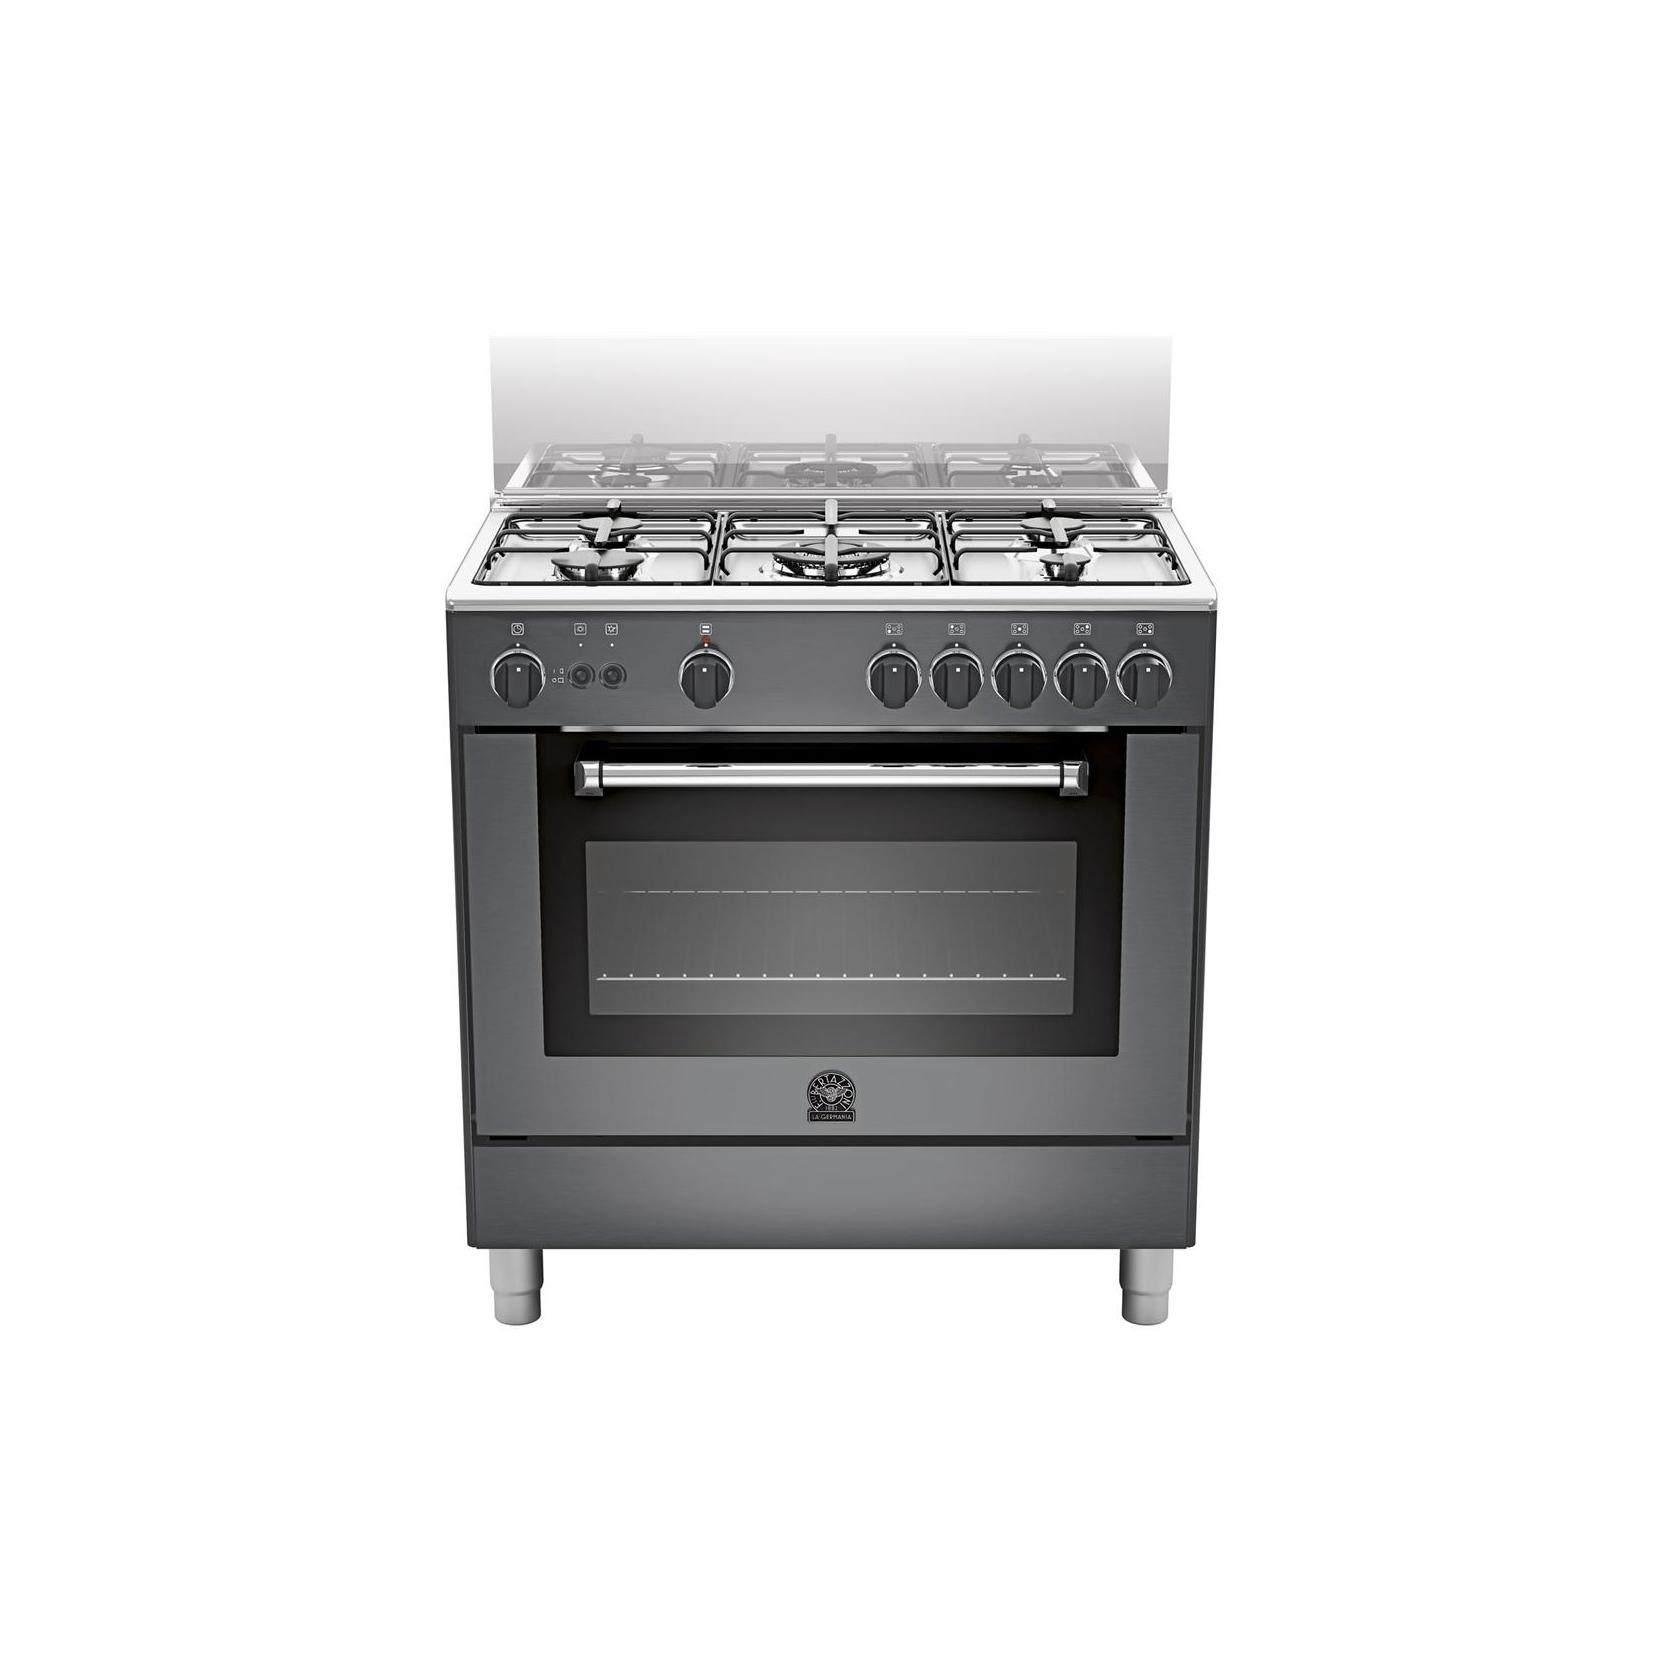 Cucina a gas la germania am85c71cne 13 5 fuochi a gas for Forno a gas